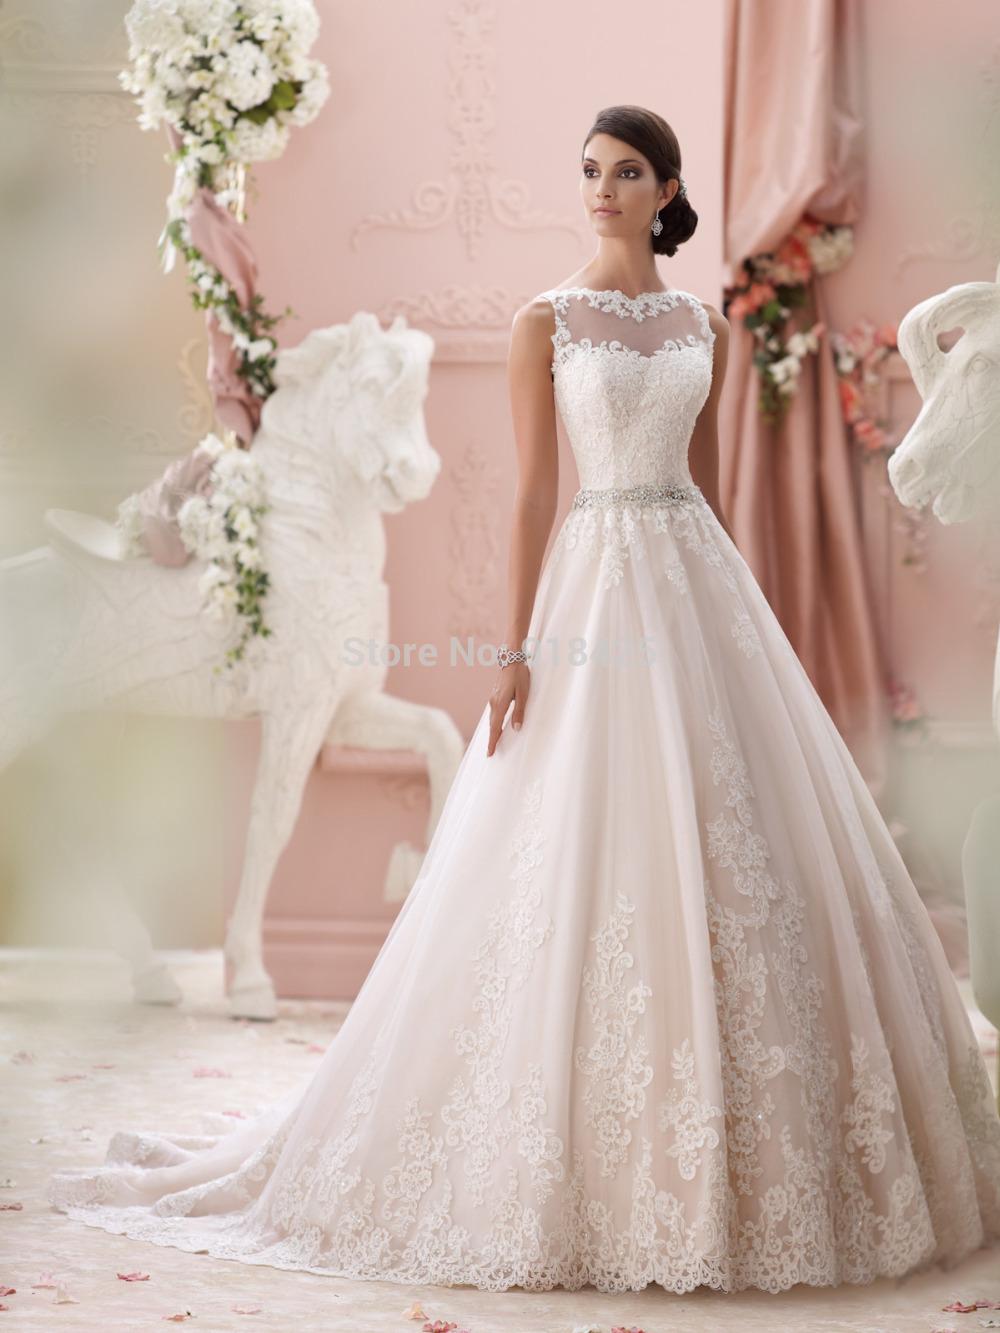 Wedding immagini del vestito progettista abiti da sposa